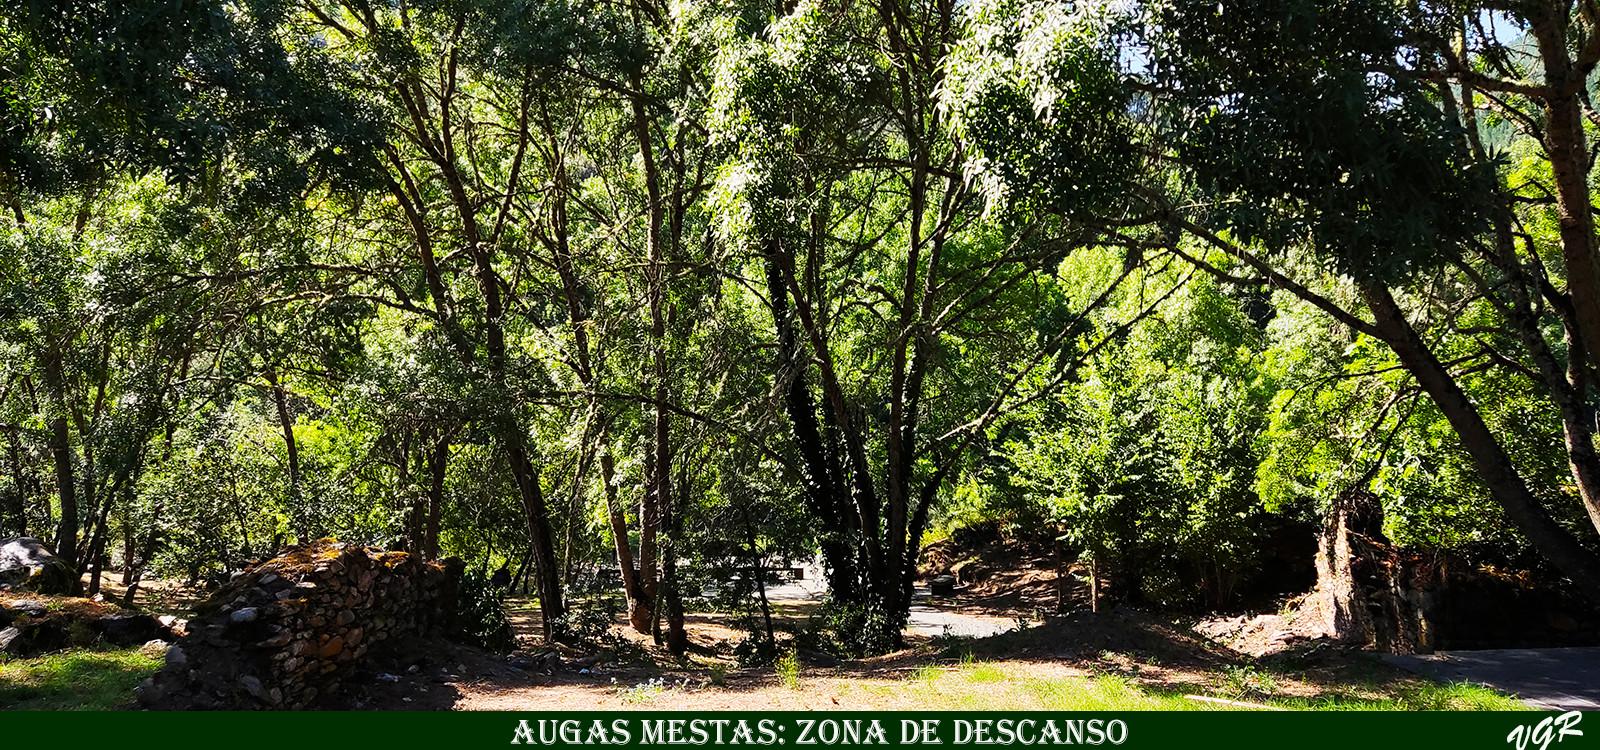 7-Augas Mestas zona estancial-WEB.jpg